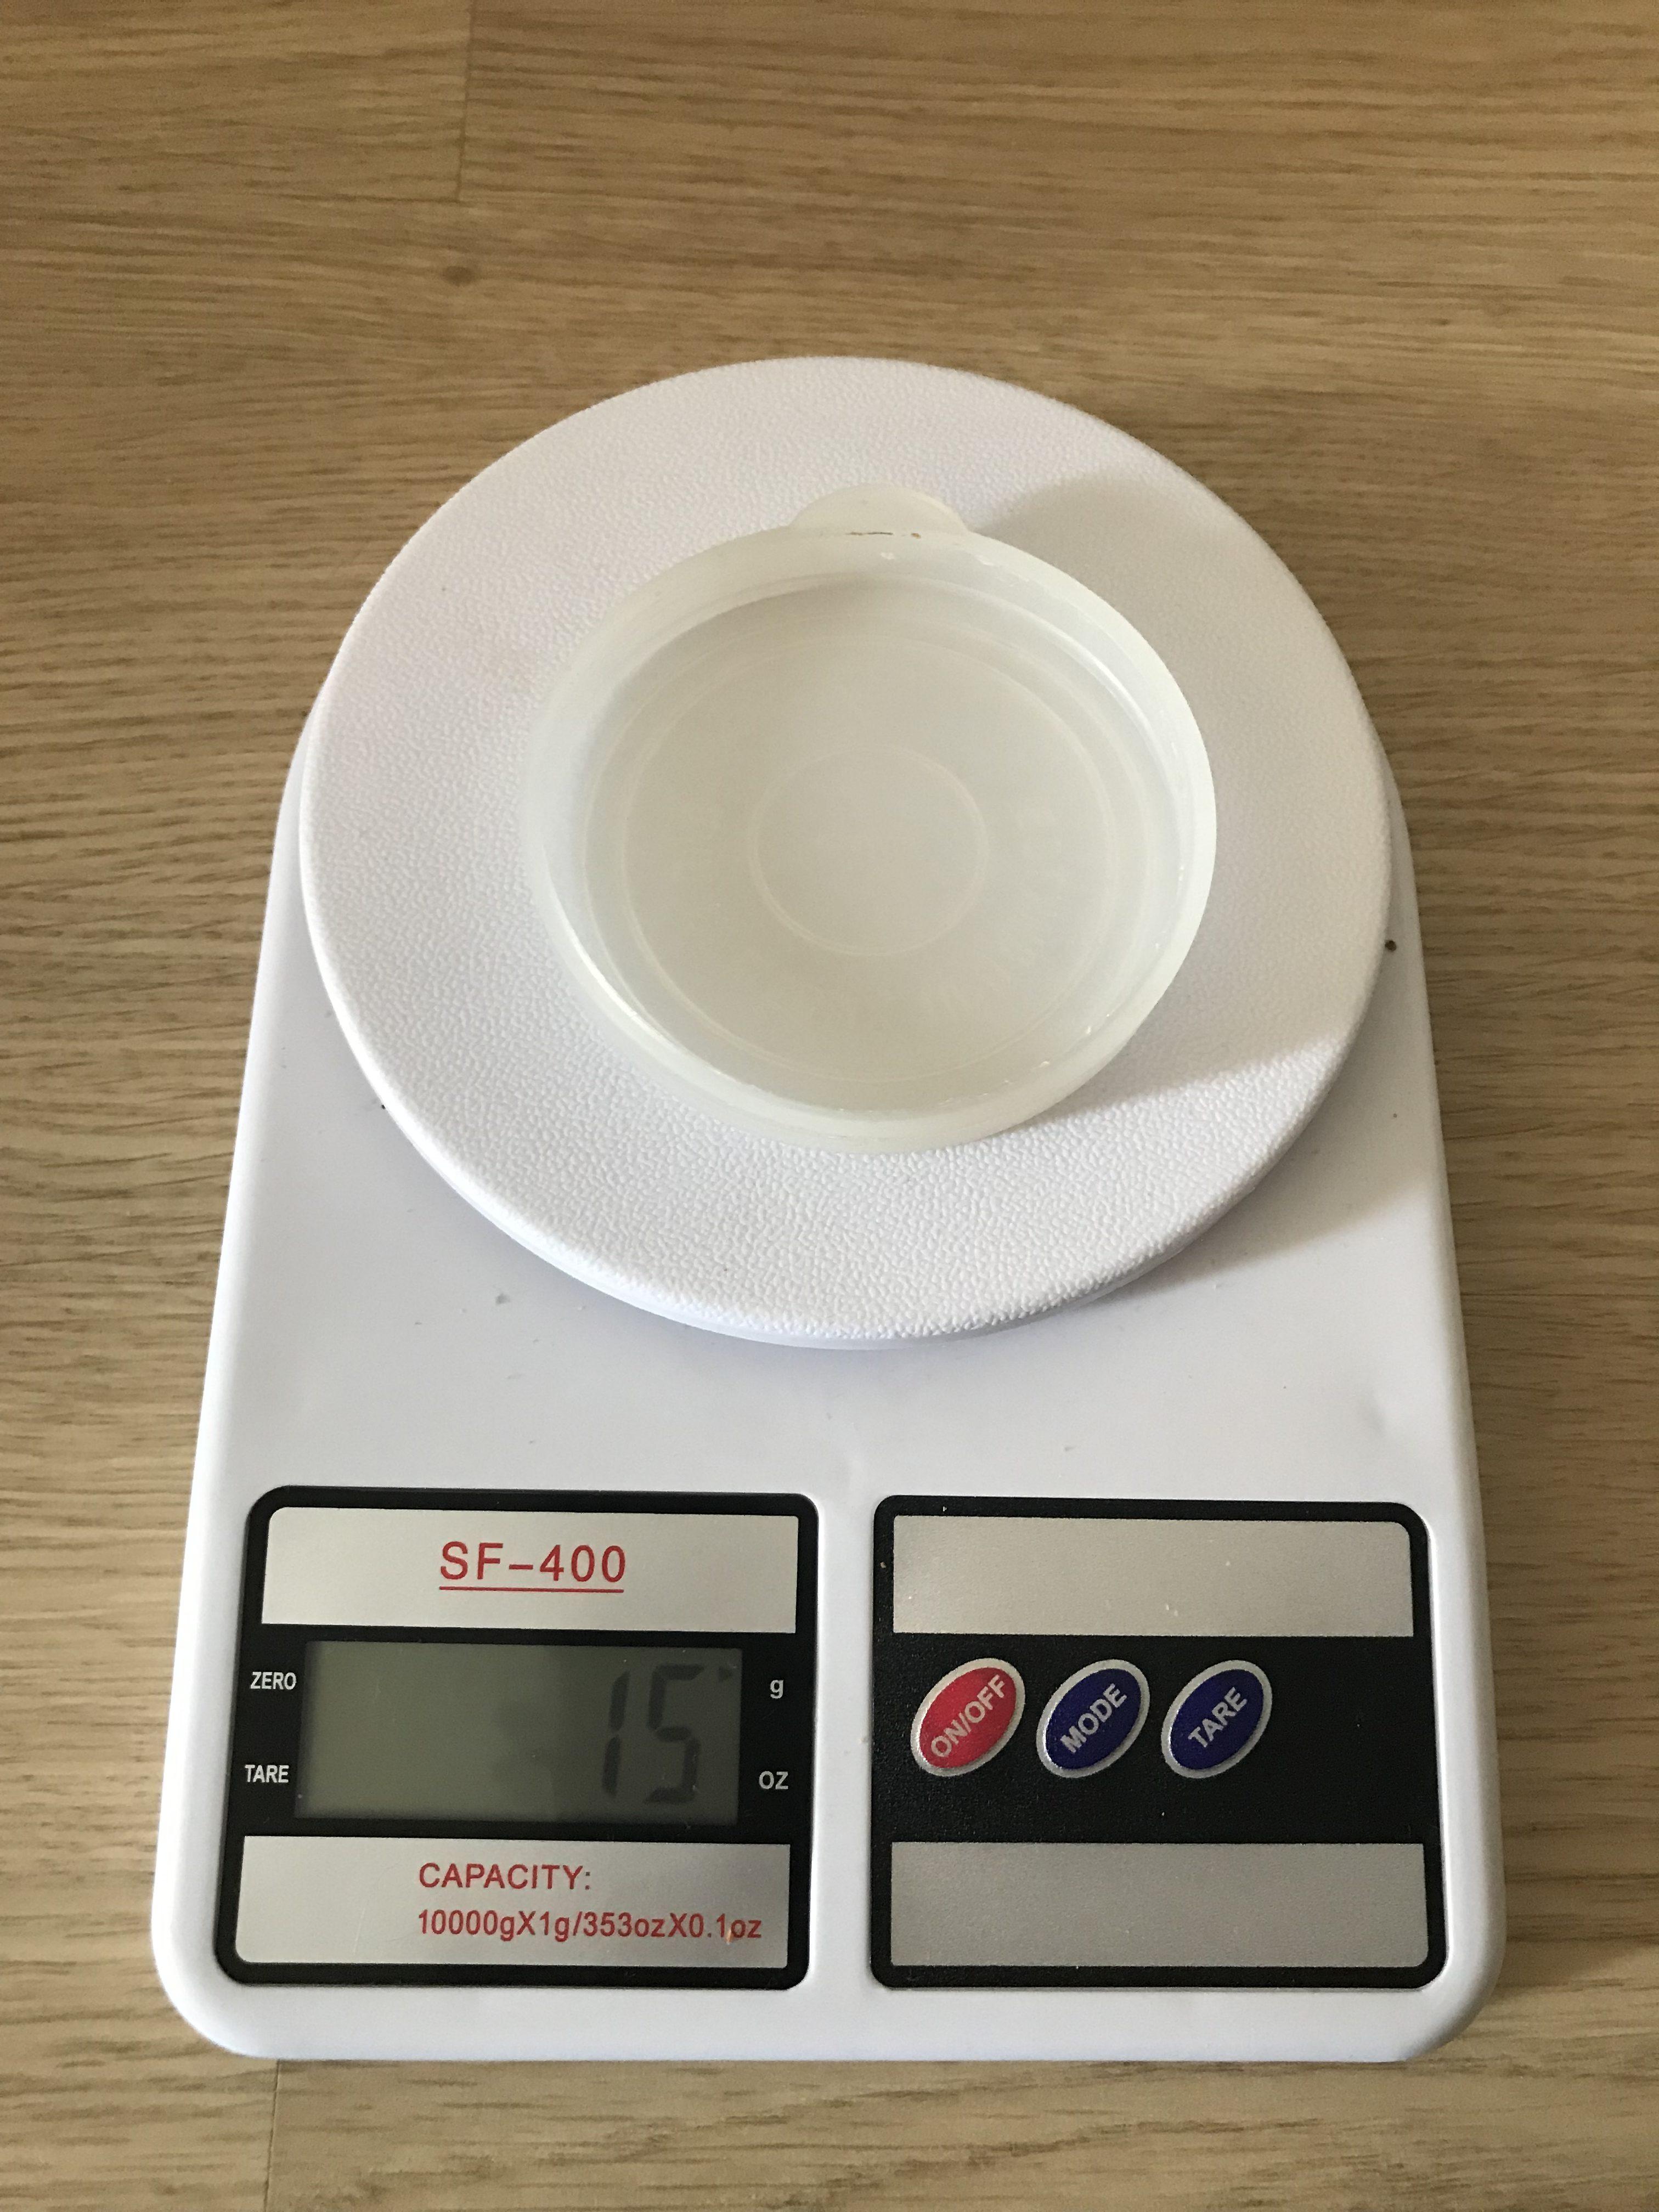 вес резиновой крышки